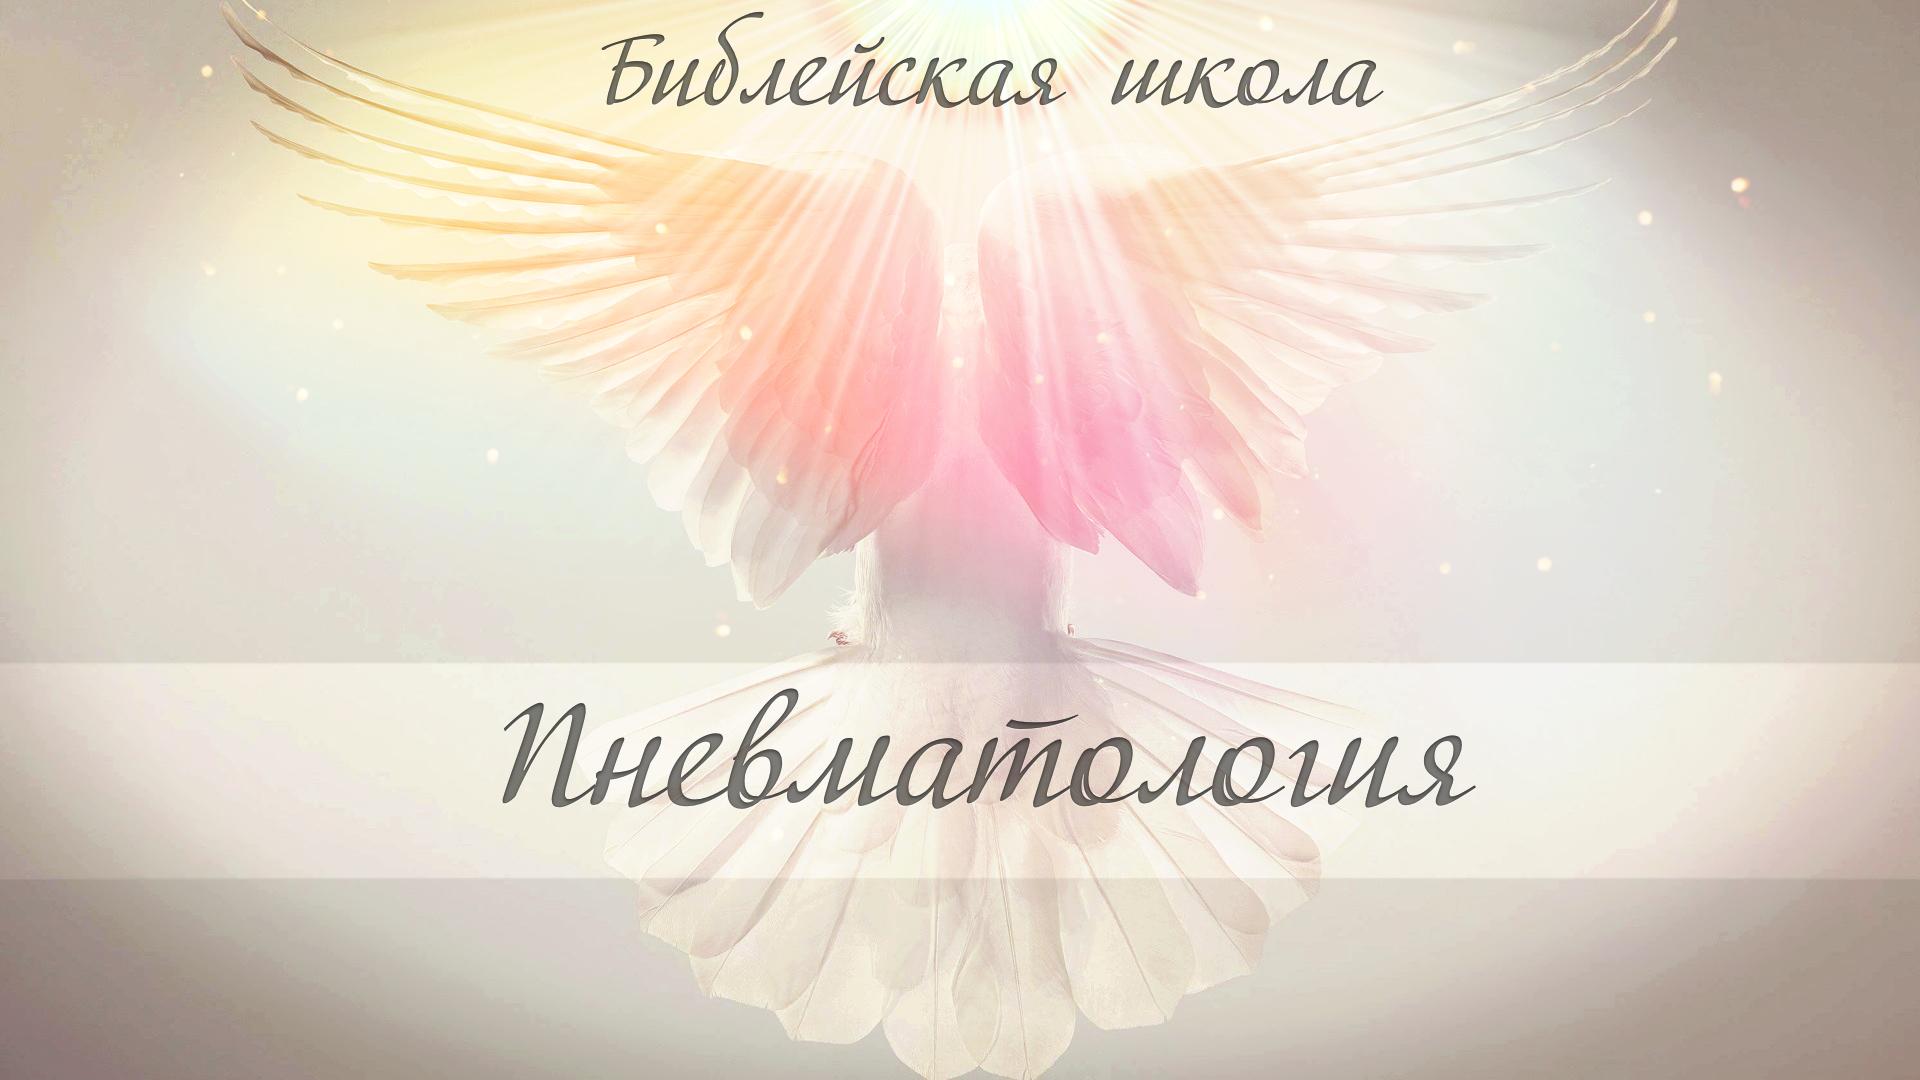 Святой дух в православии - молитва святому духу на исполнение желания